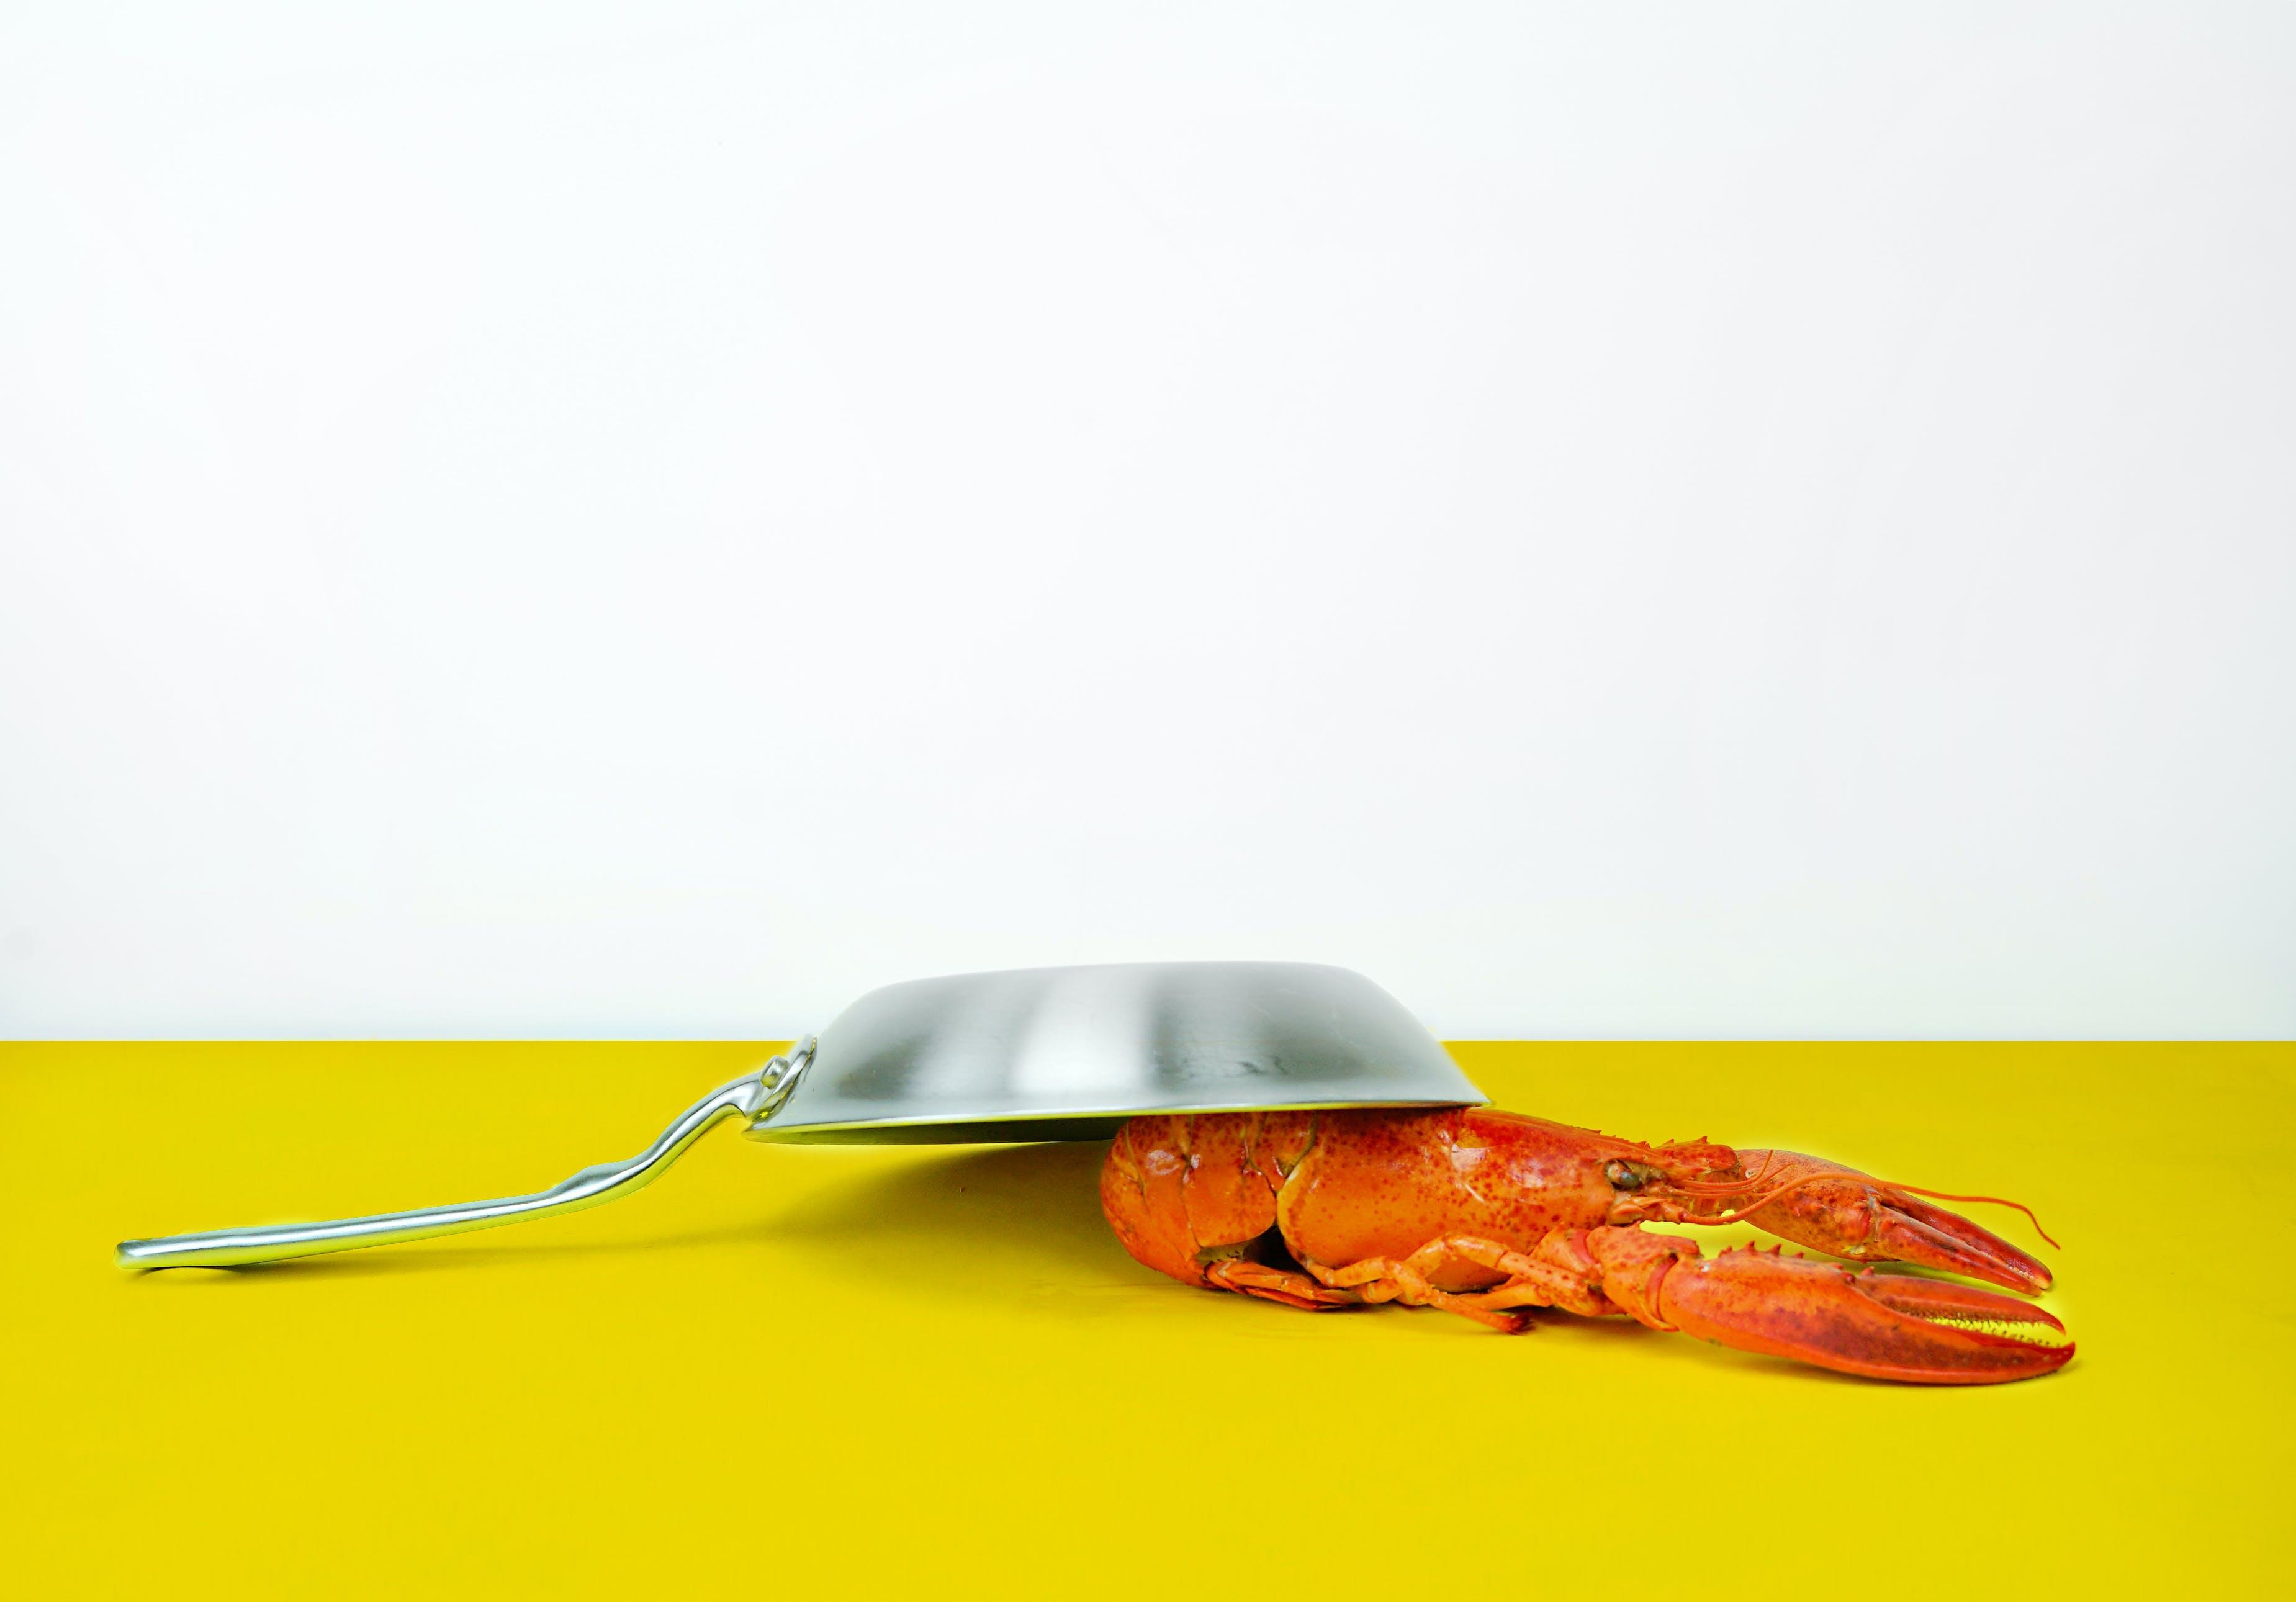 Kostenloses Stock Foto zu essen, abendessen, mittagessen, mahlzeit